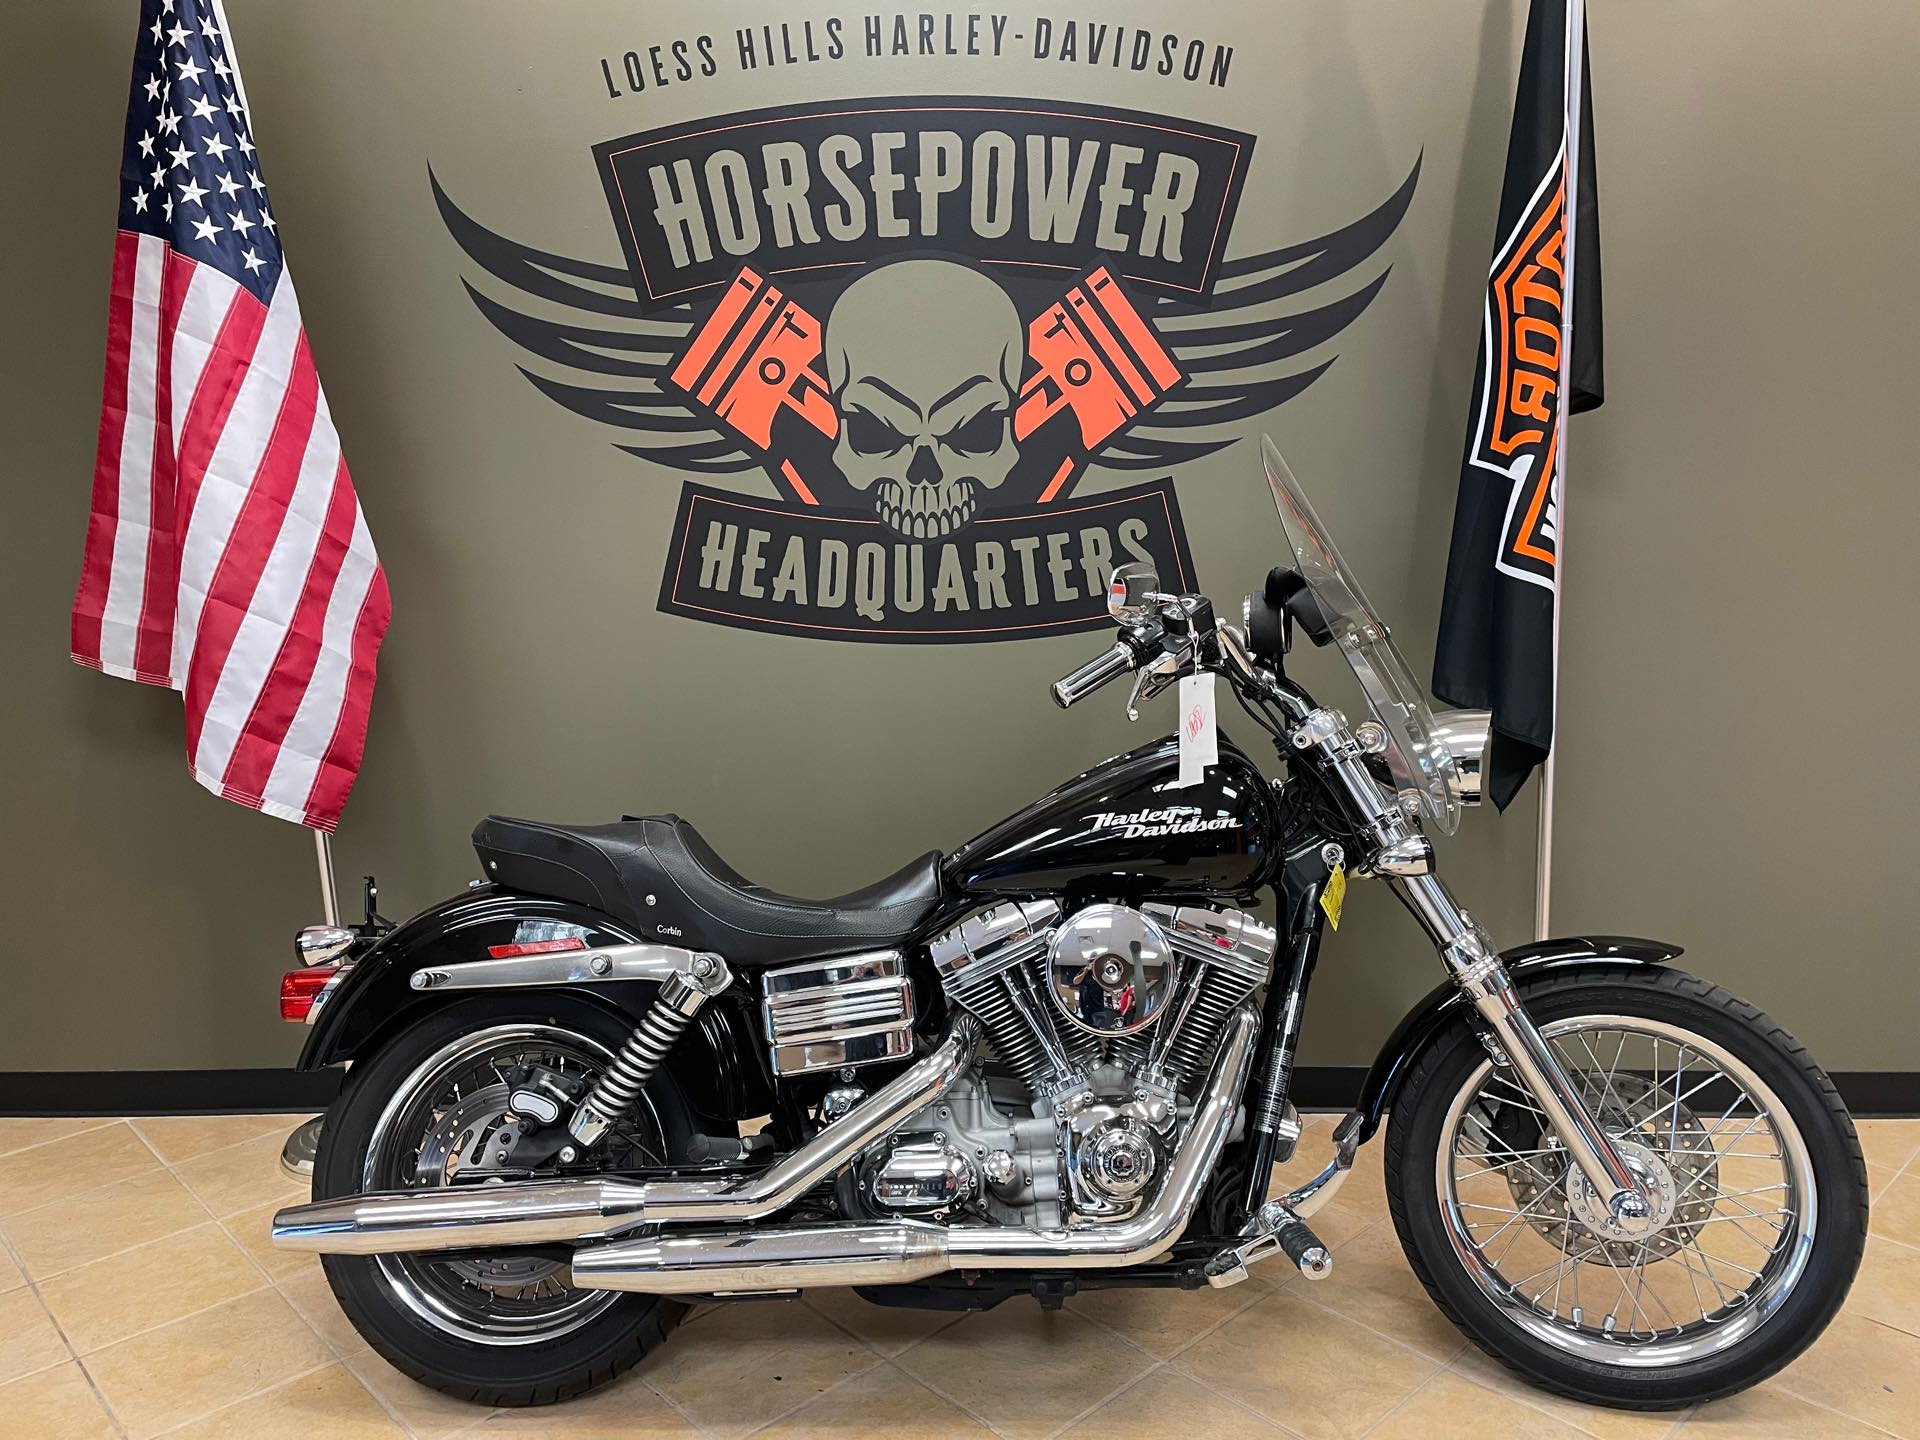 2008 Harley-Davidson Dyna Glide Super Glide at Loess Hills Harley-Davidson